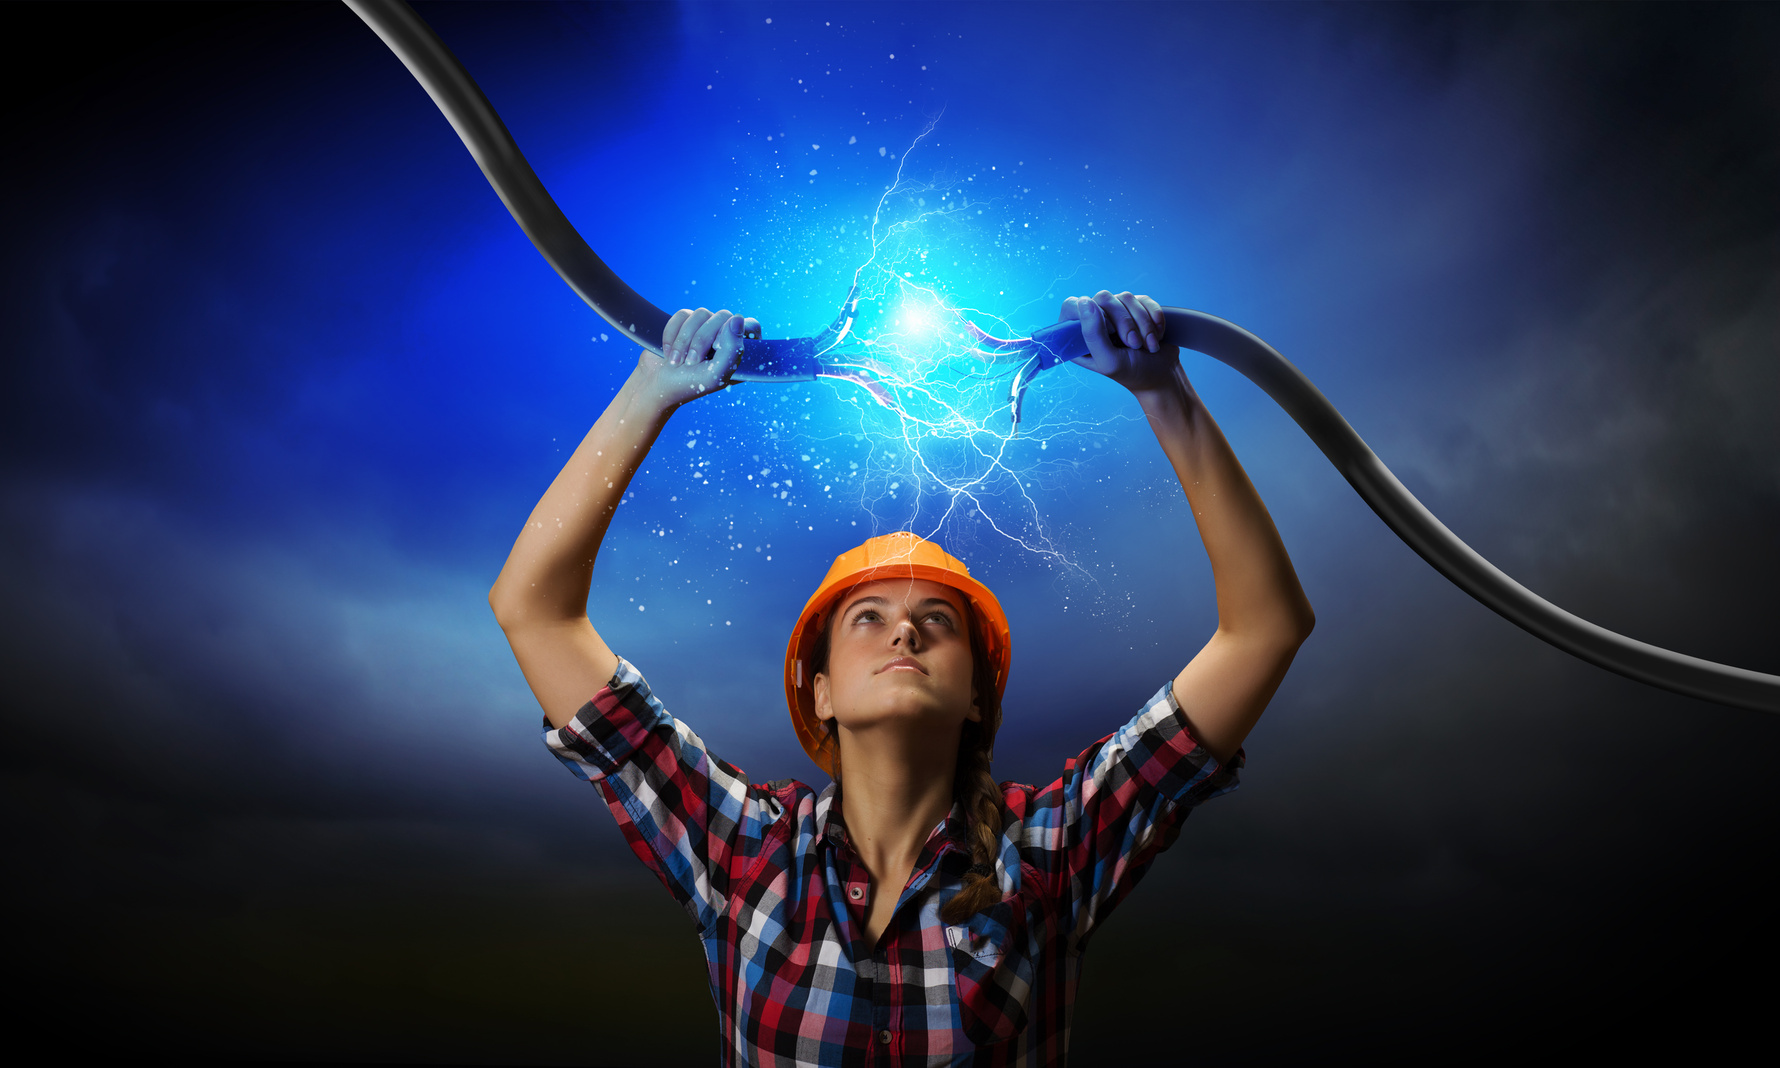 красивые картинки электричество помощи